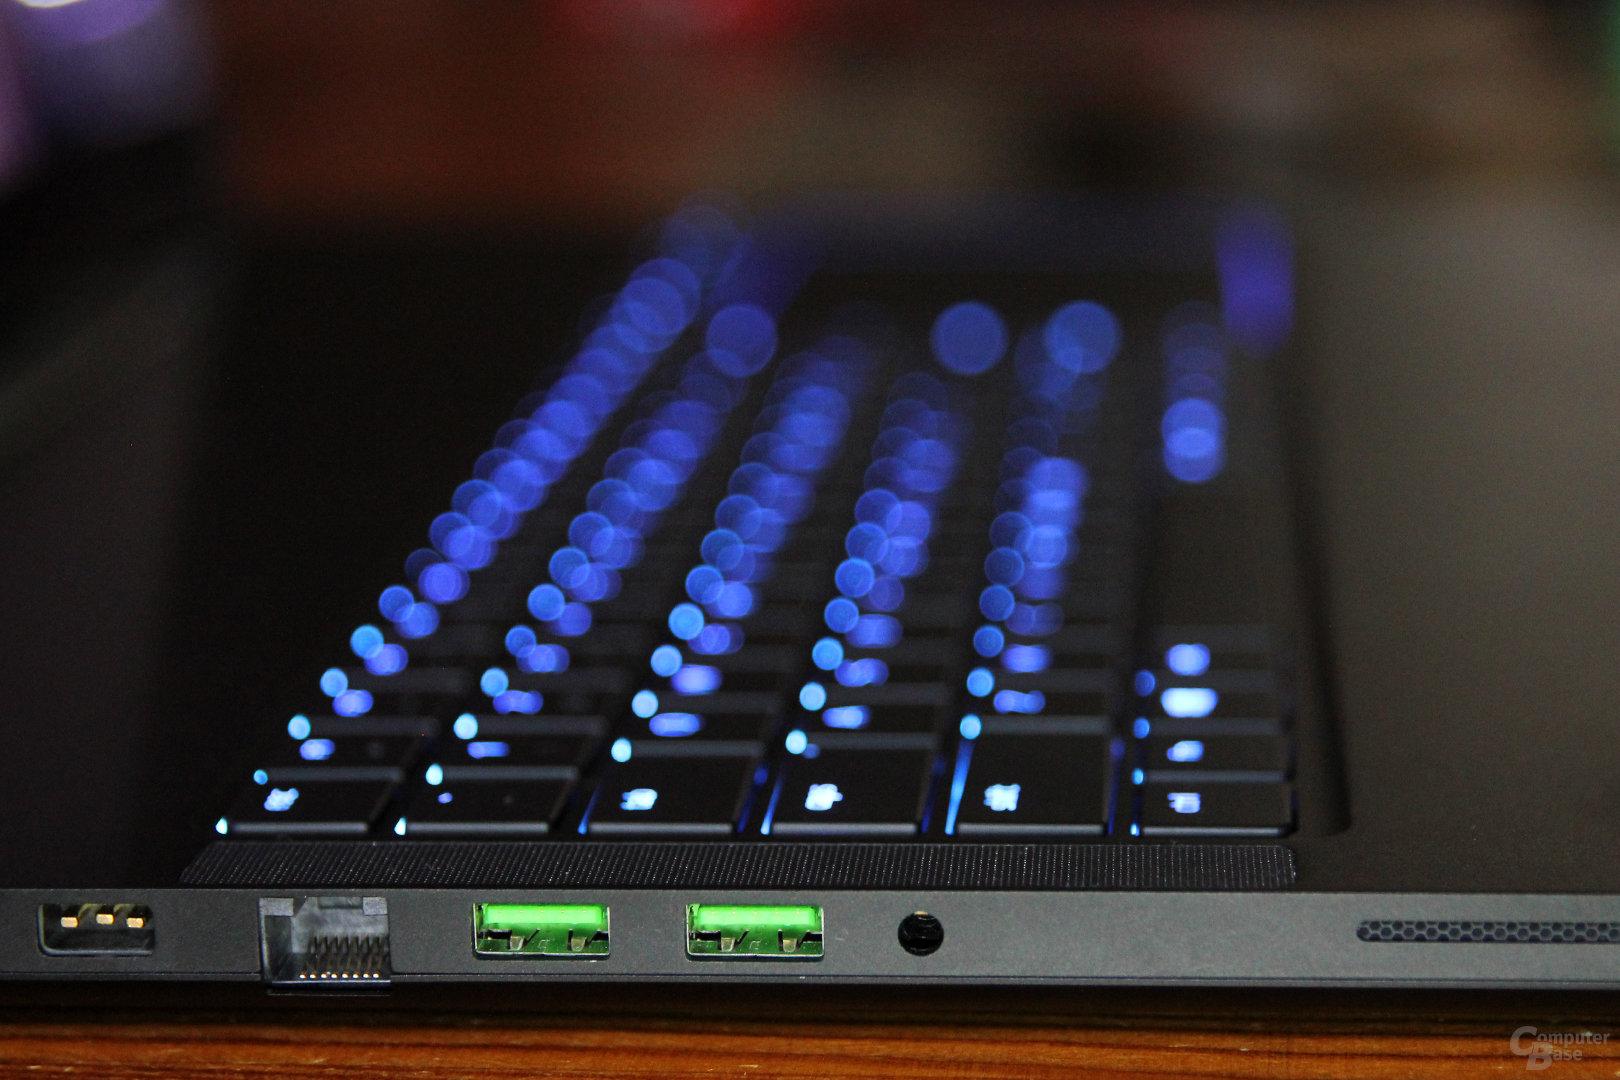 Gigabit-LAN, 2x USB 3.0, Audio-Kombo